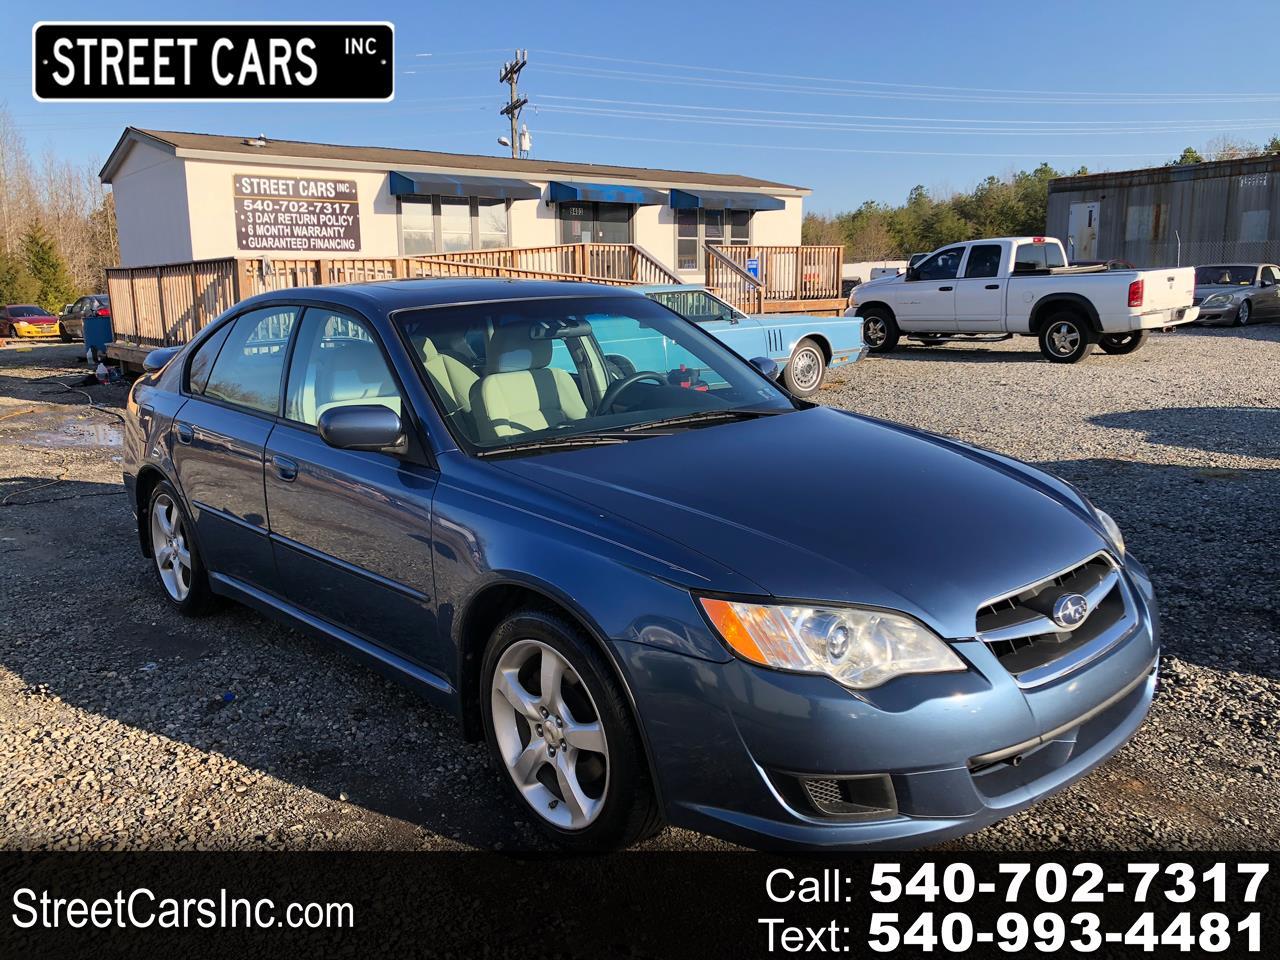 Subaru Legacy (Natl) 4dr H4 Auto Special Edition 2008